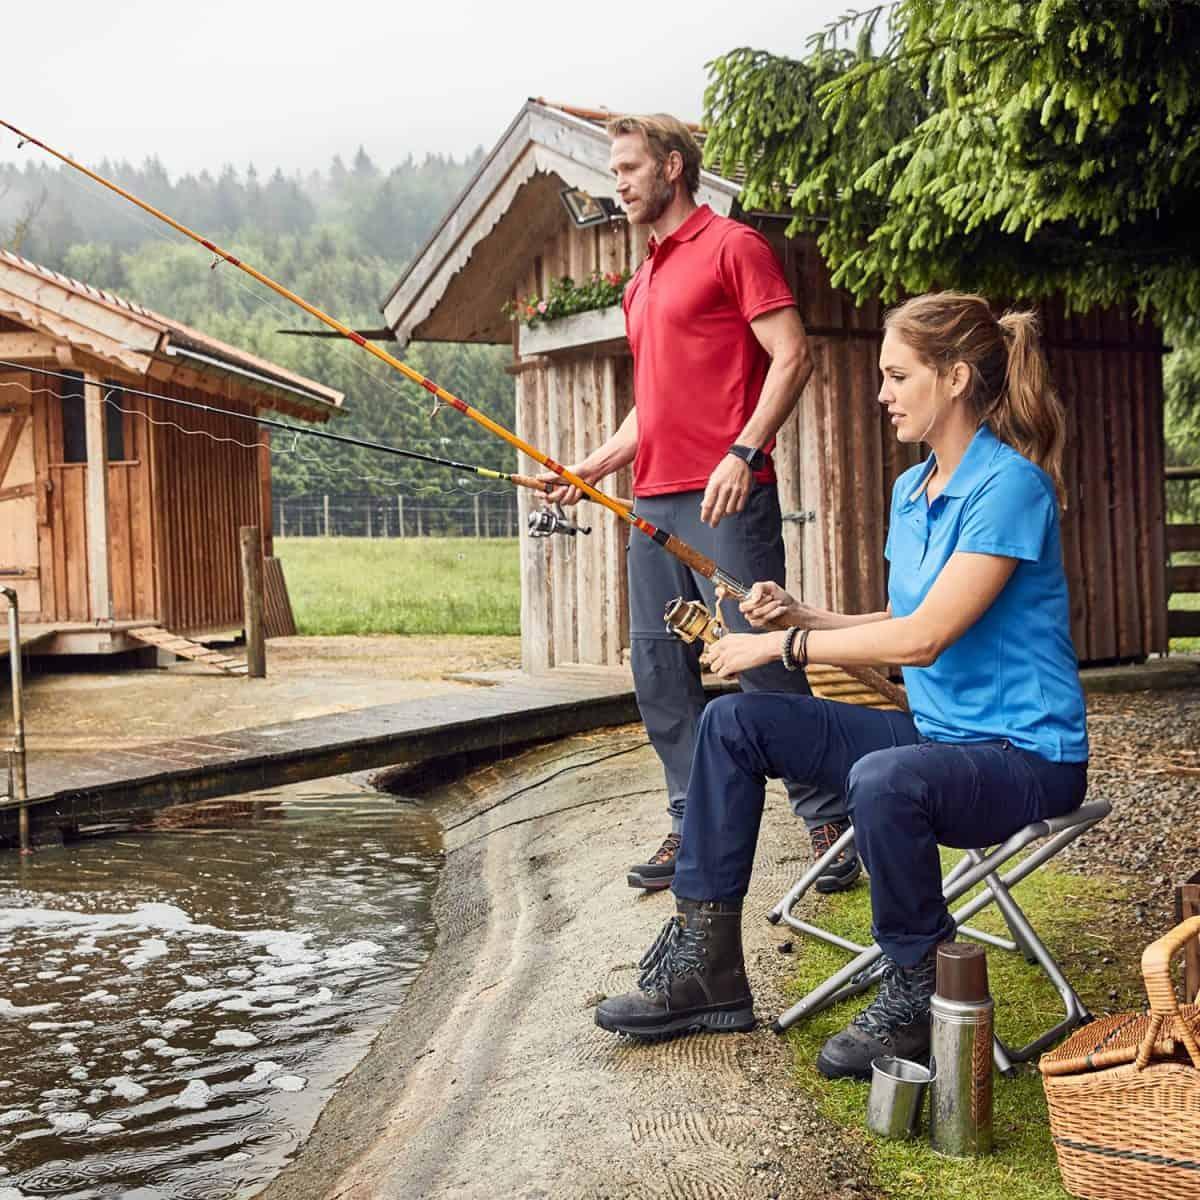 Daiber SportShirts JN401 Red & Azur Model